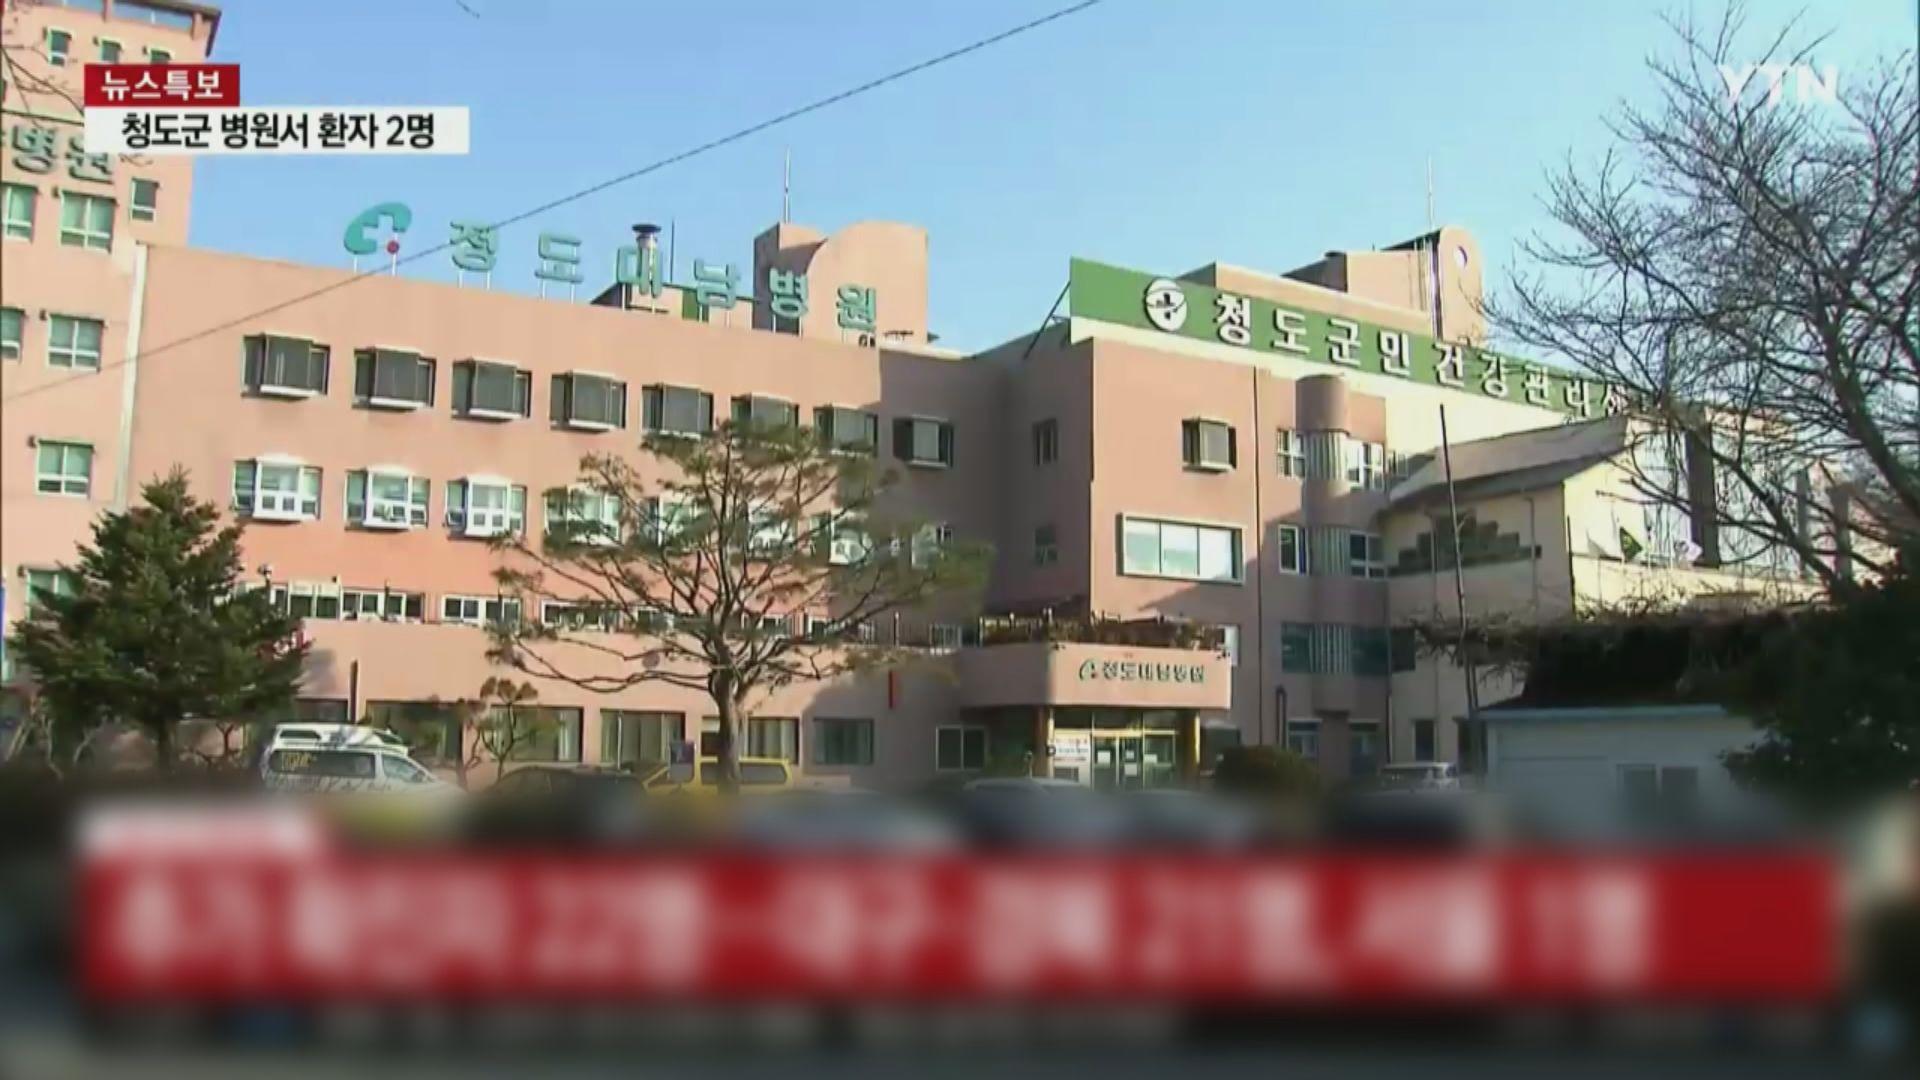 南韓出現首宗死亡病例 單日多53人確診兩宗在首爾